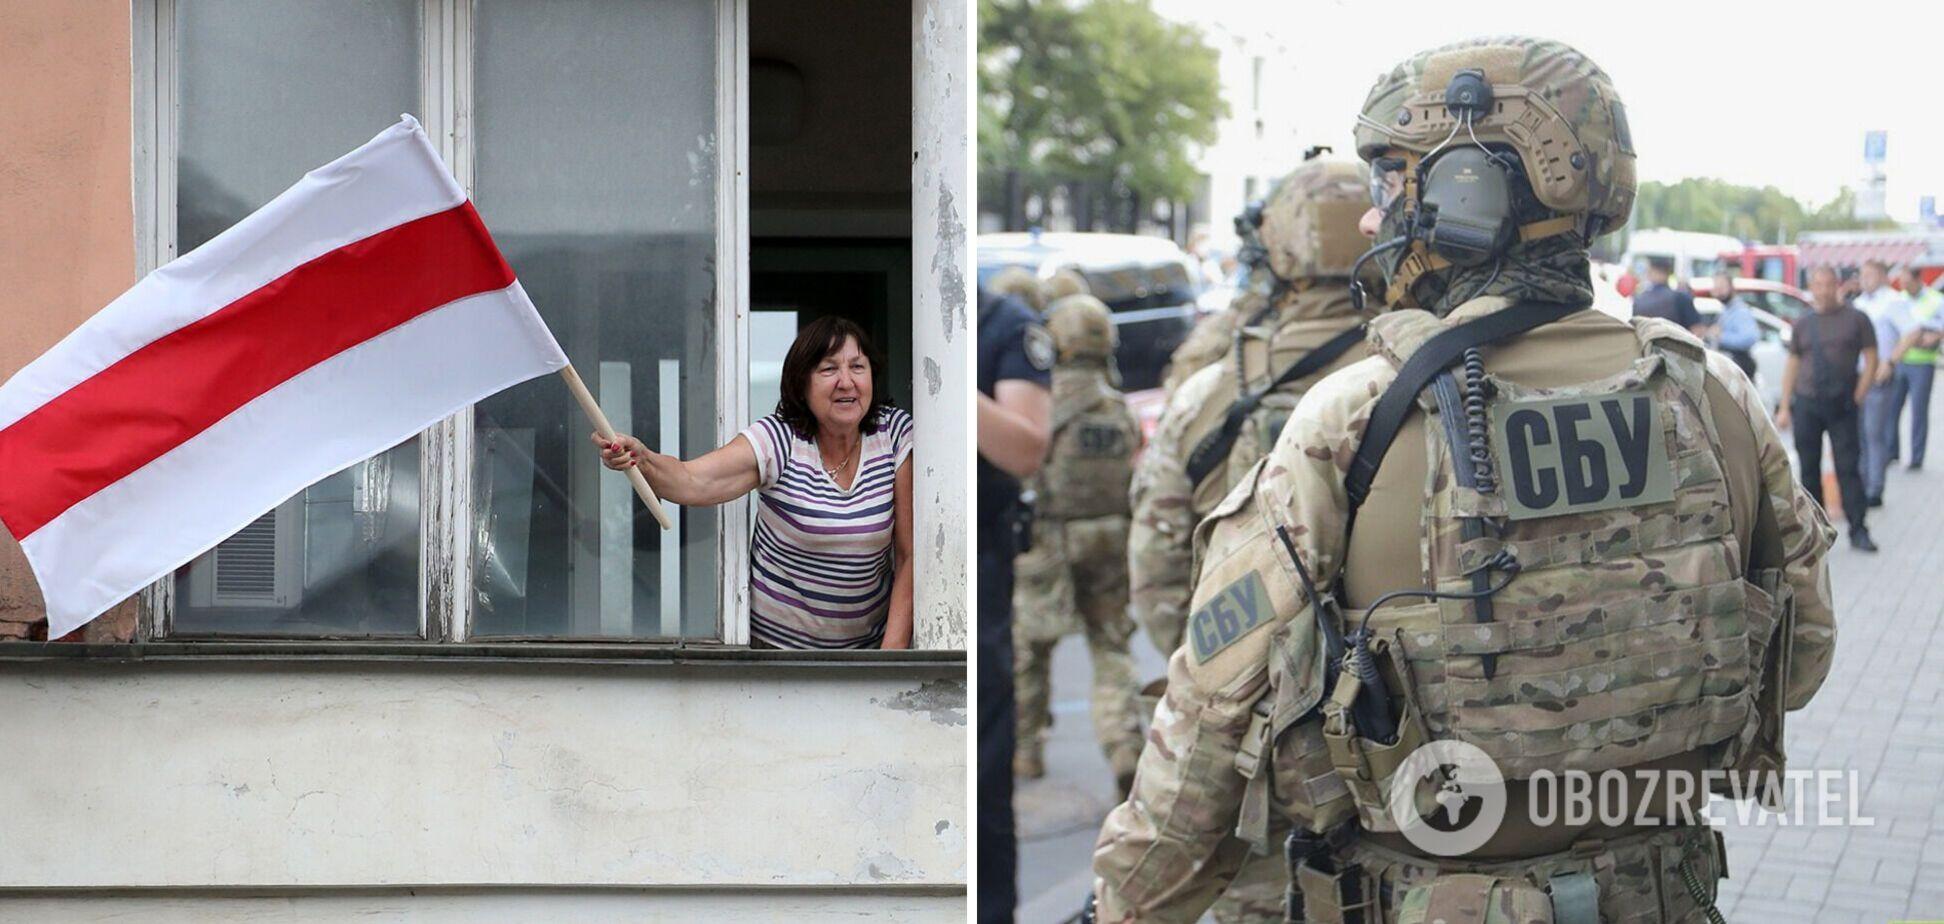 Белорусский дом в Украине заявил о задержании нескольких белорусов: в СБУ ответили